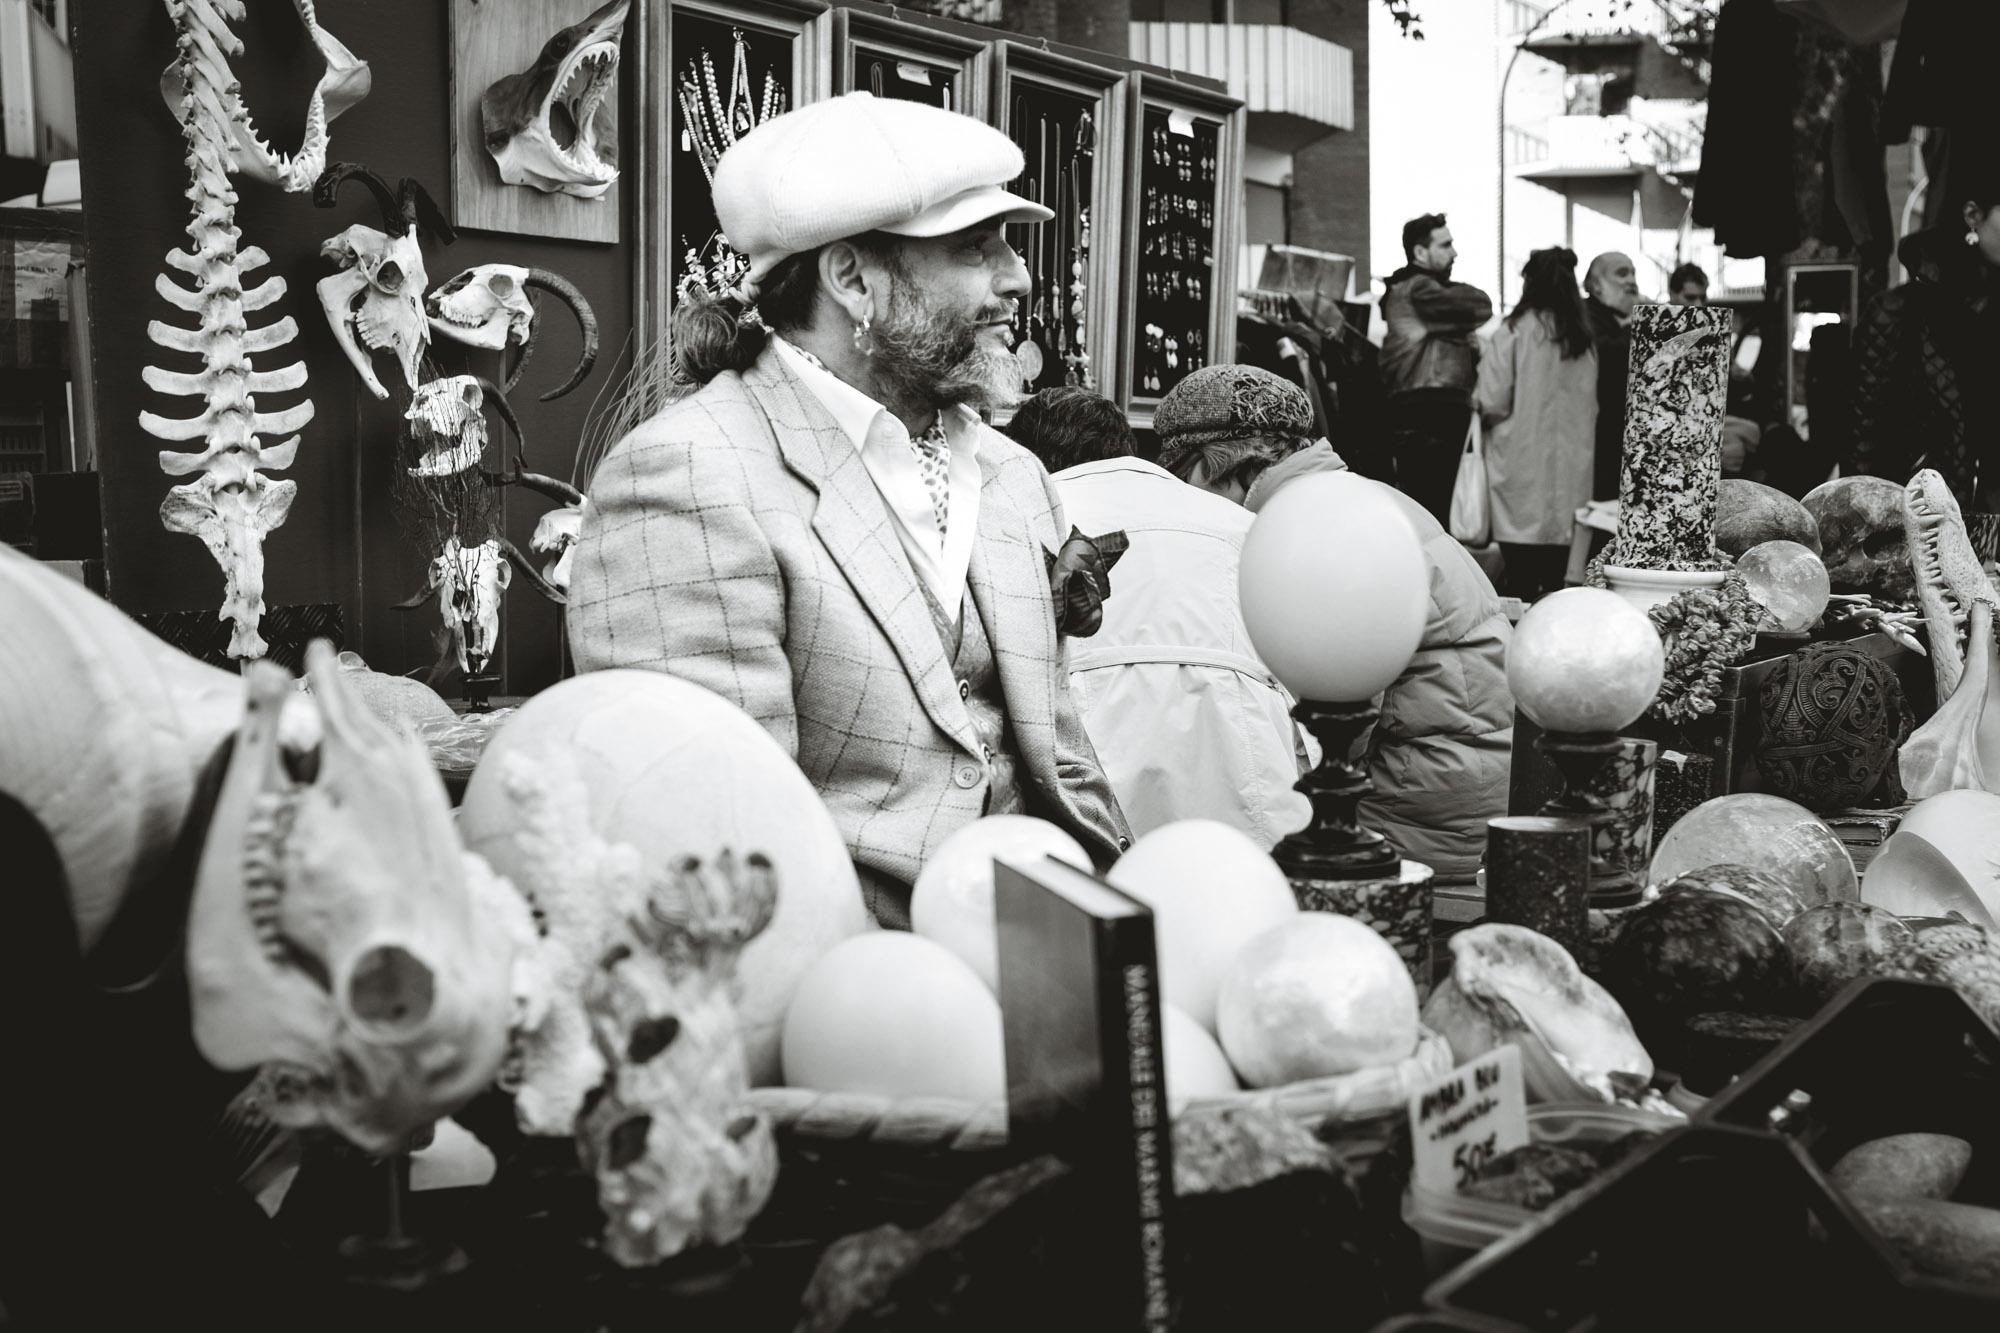 Man selling skulls in Porta Portese Rome